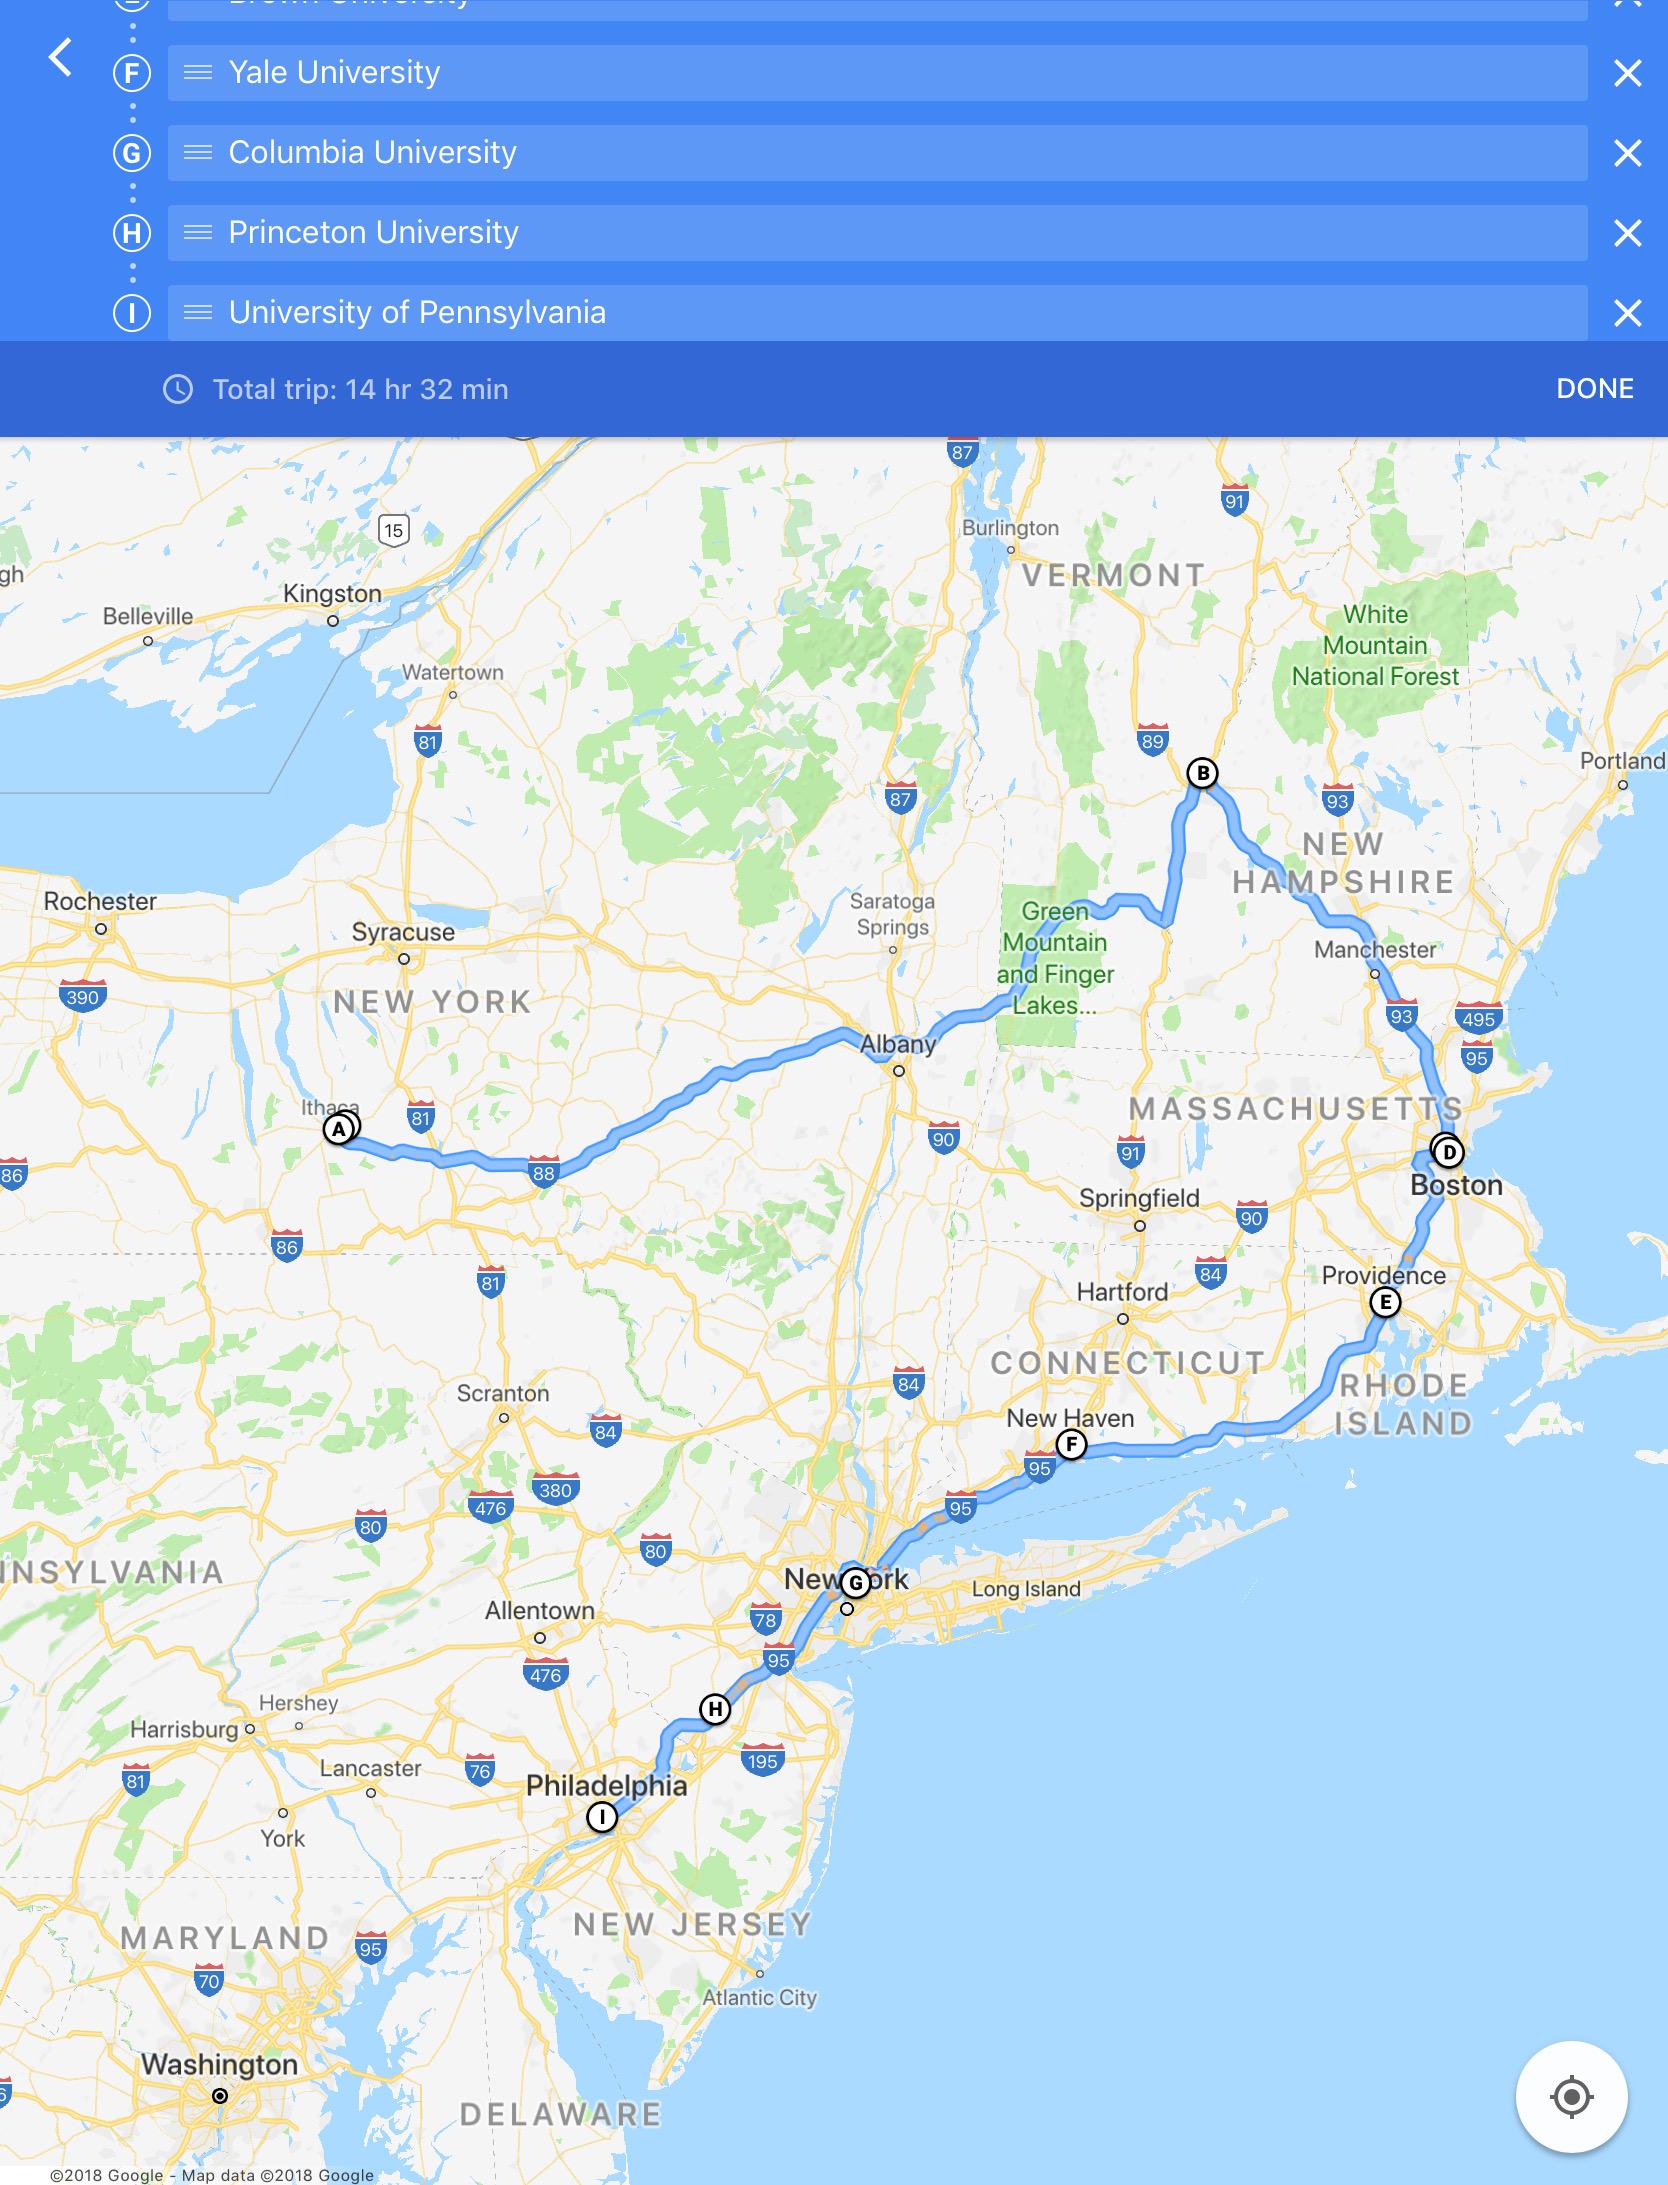 IvyAchievement route